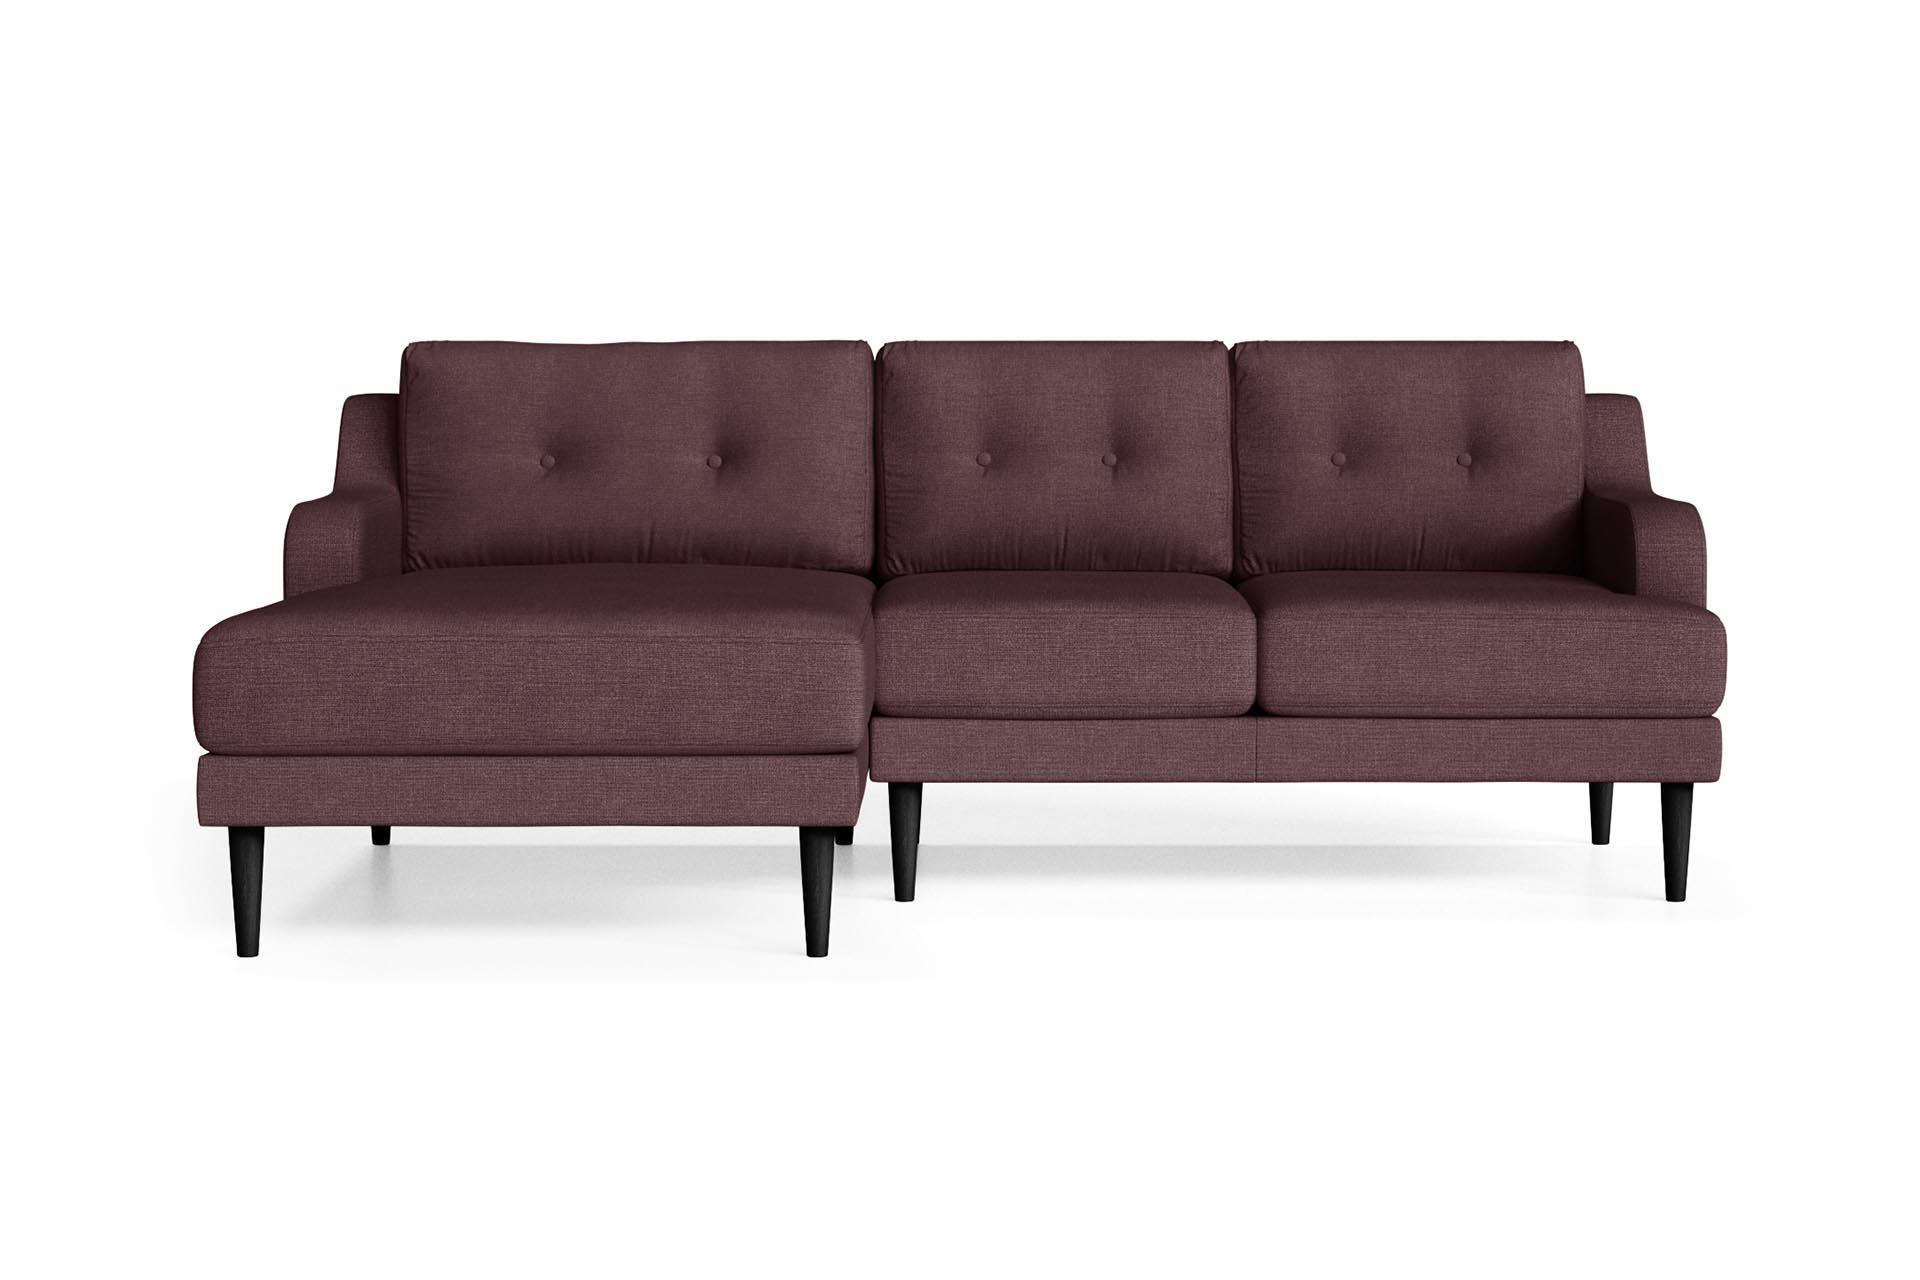 Canapé d'angle 4 places Contemporain Confort